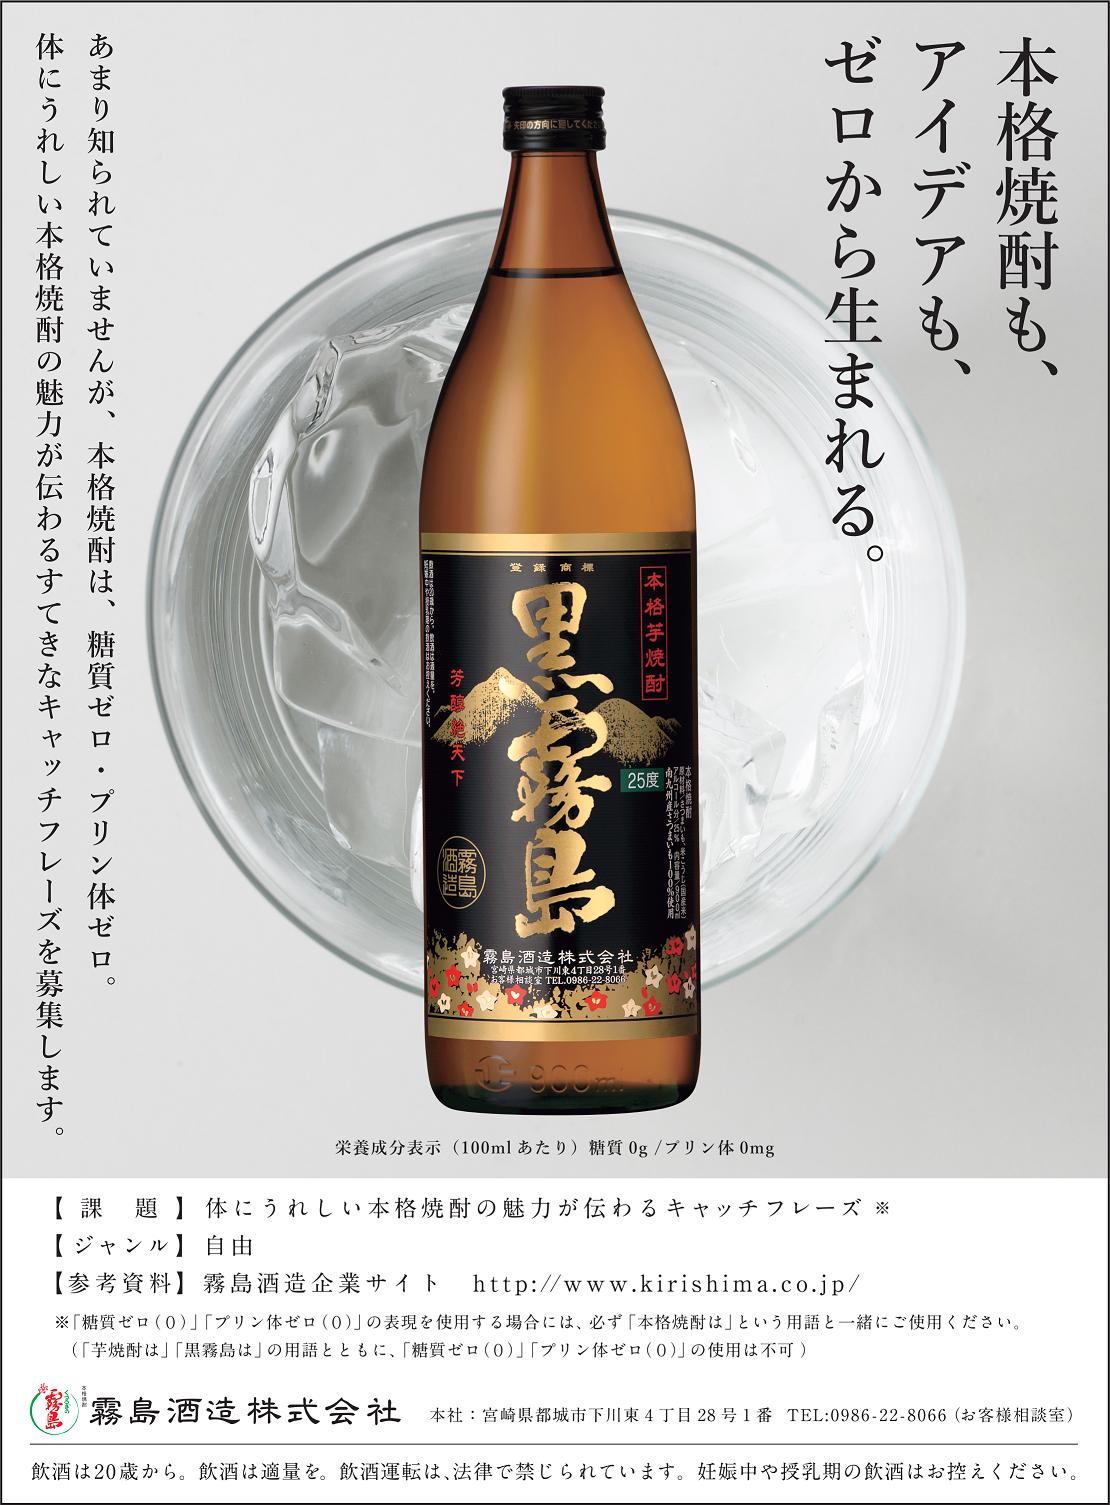 08.霧島酒造